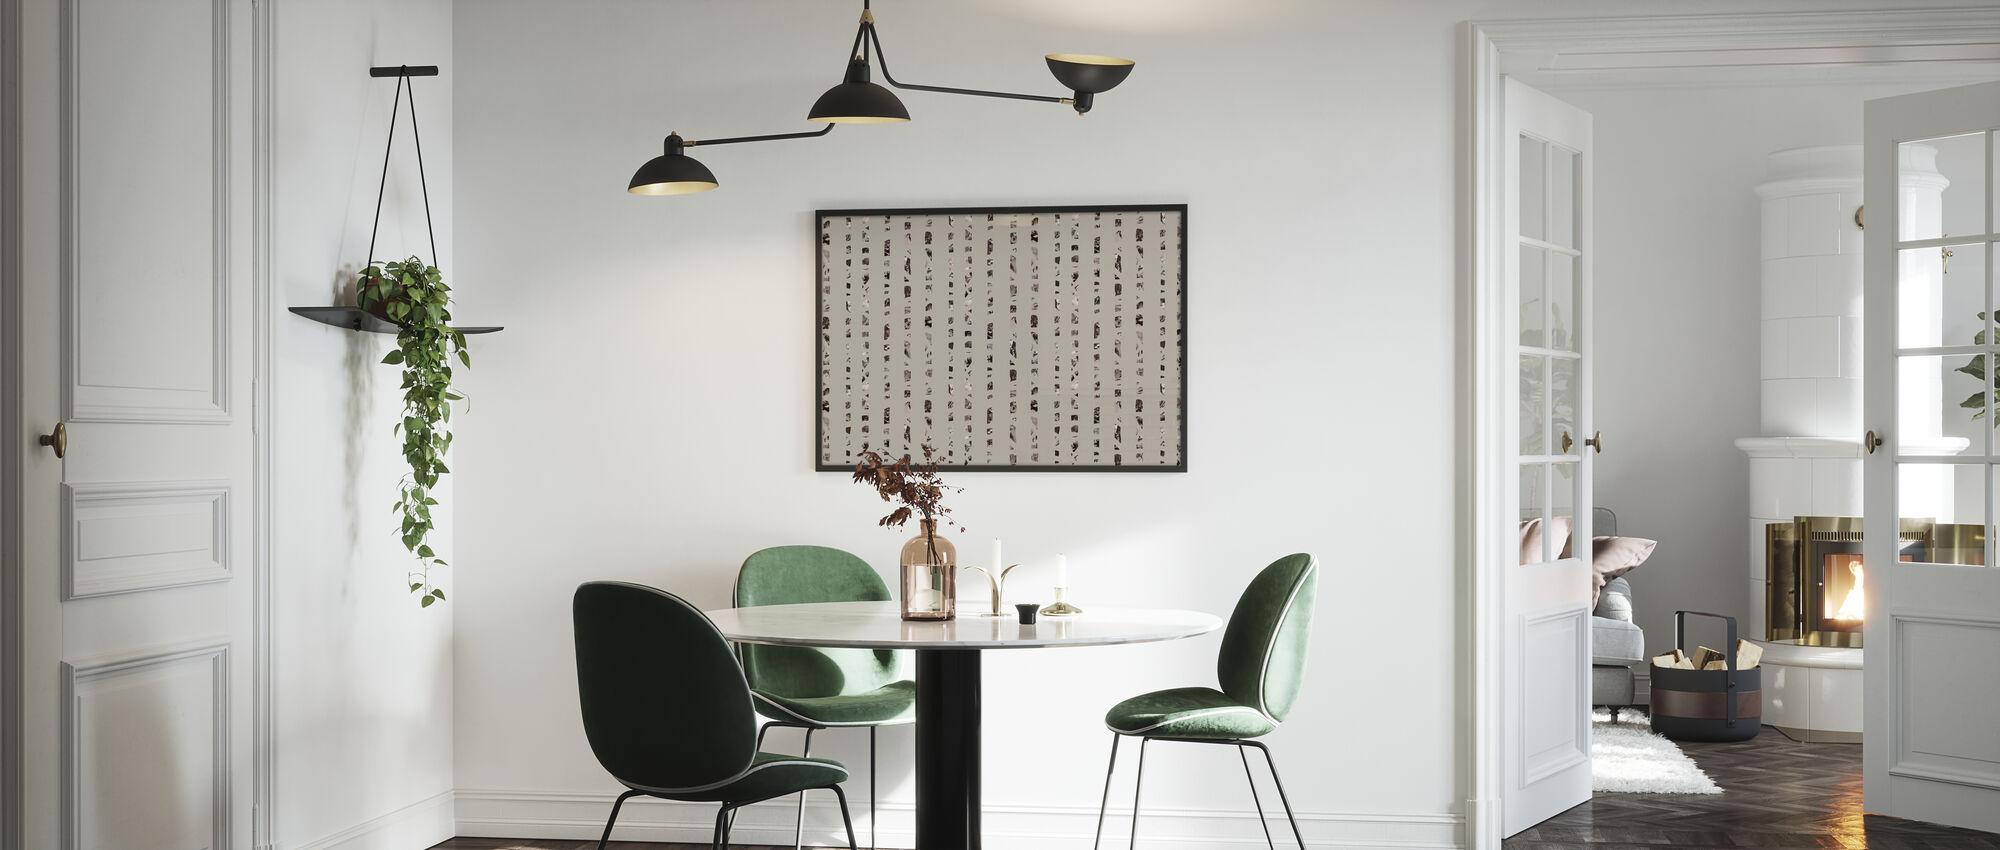 Studio Rita | Julia Heurling - Hinter Bäumen - Licht - Poster - Küchen